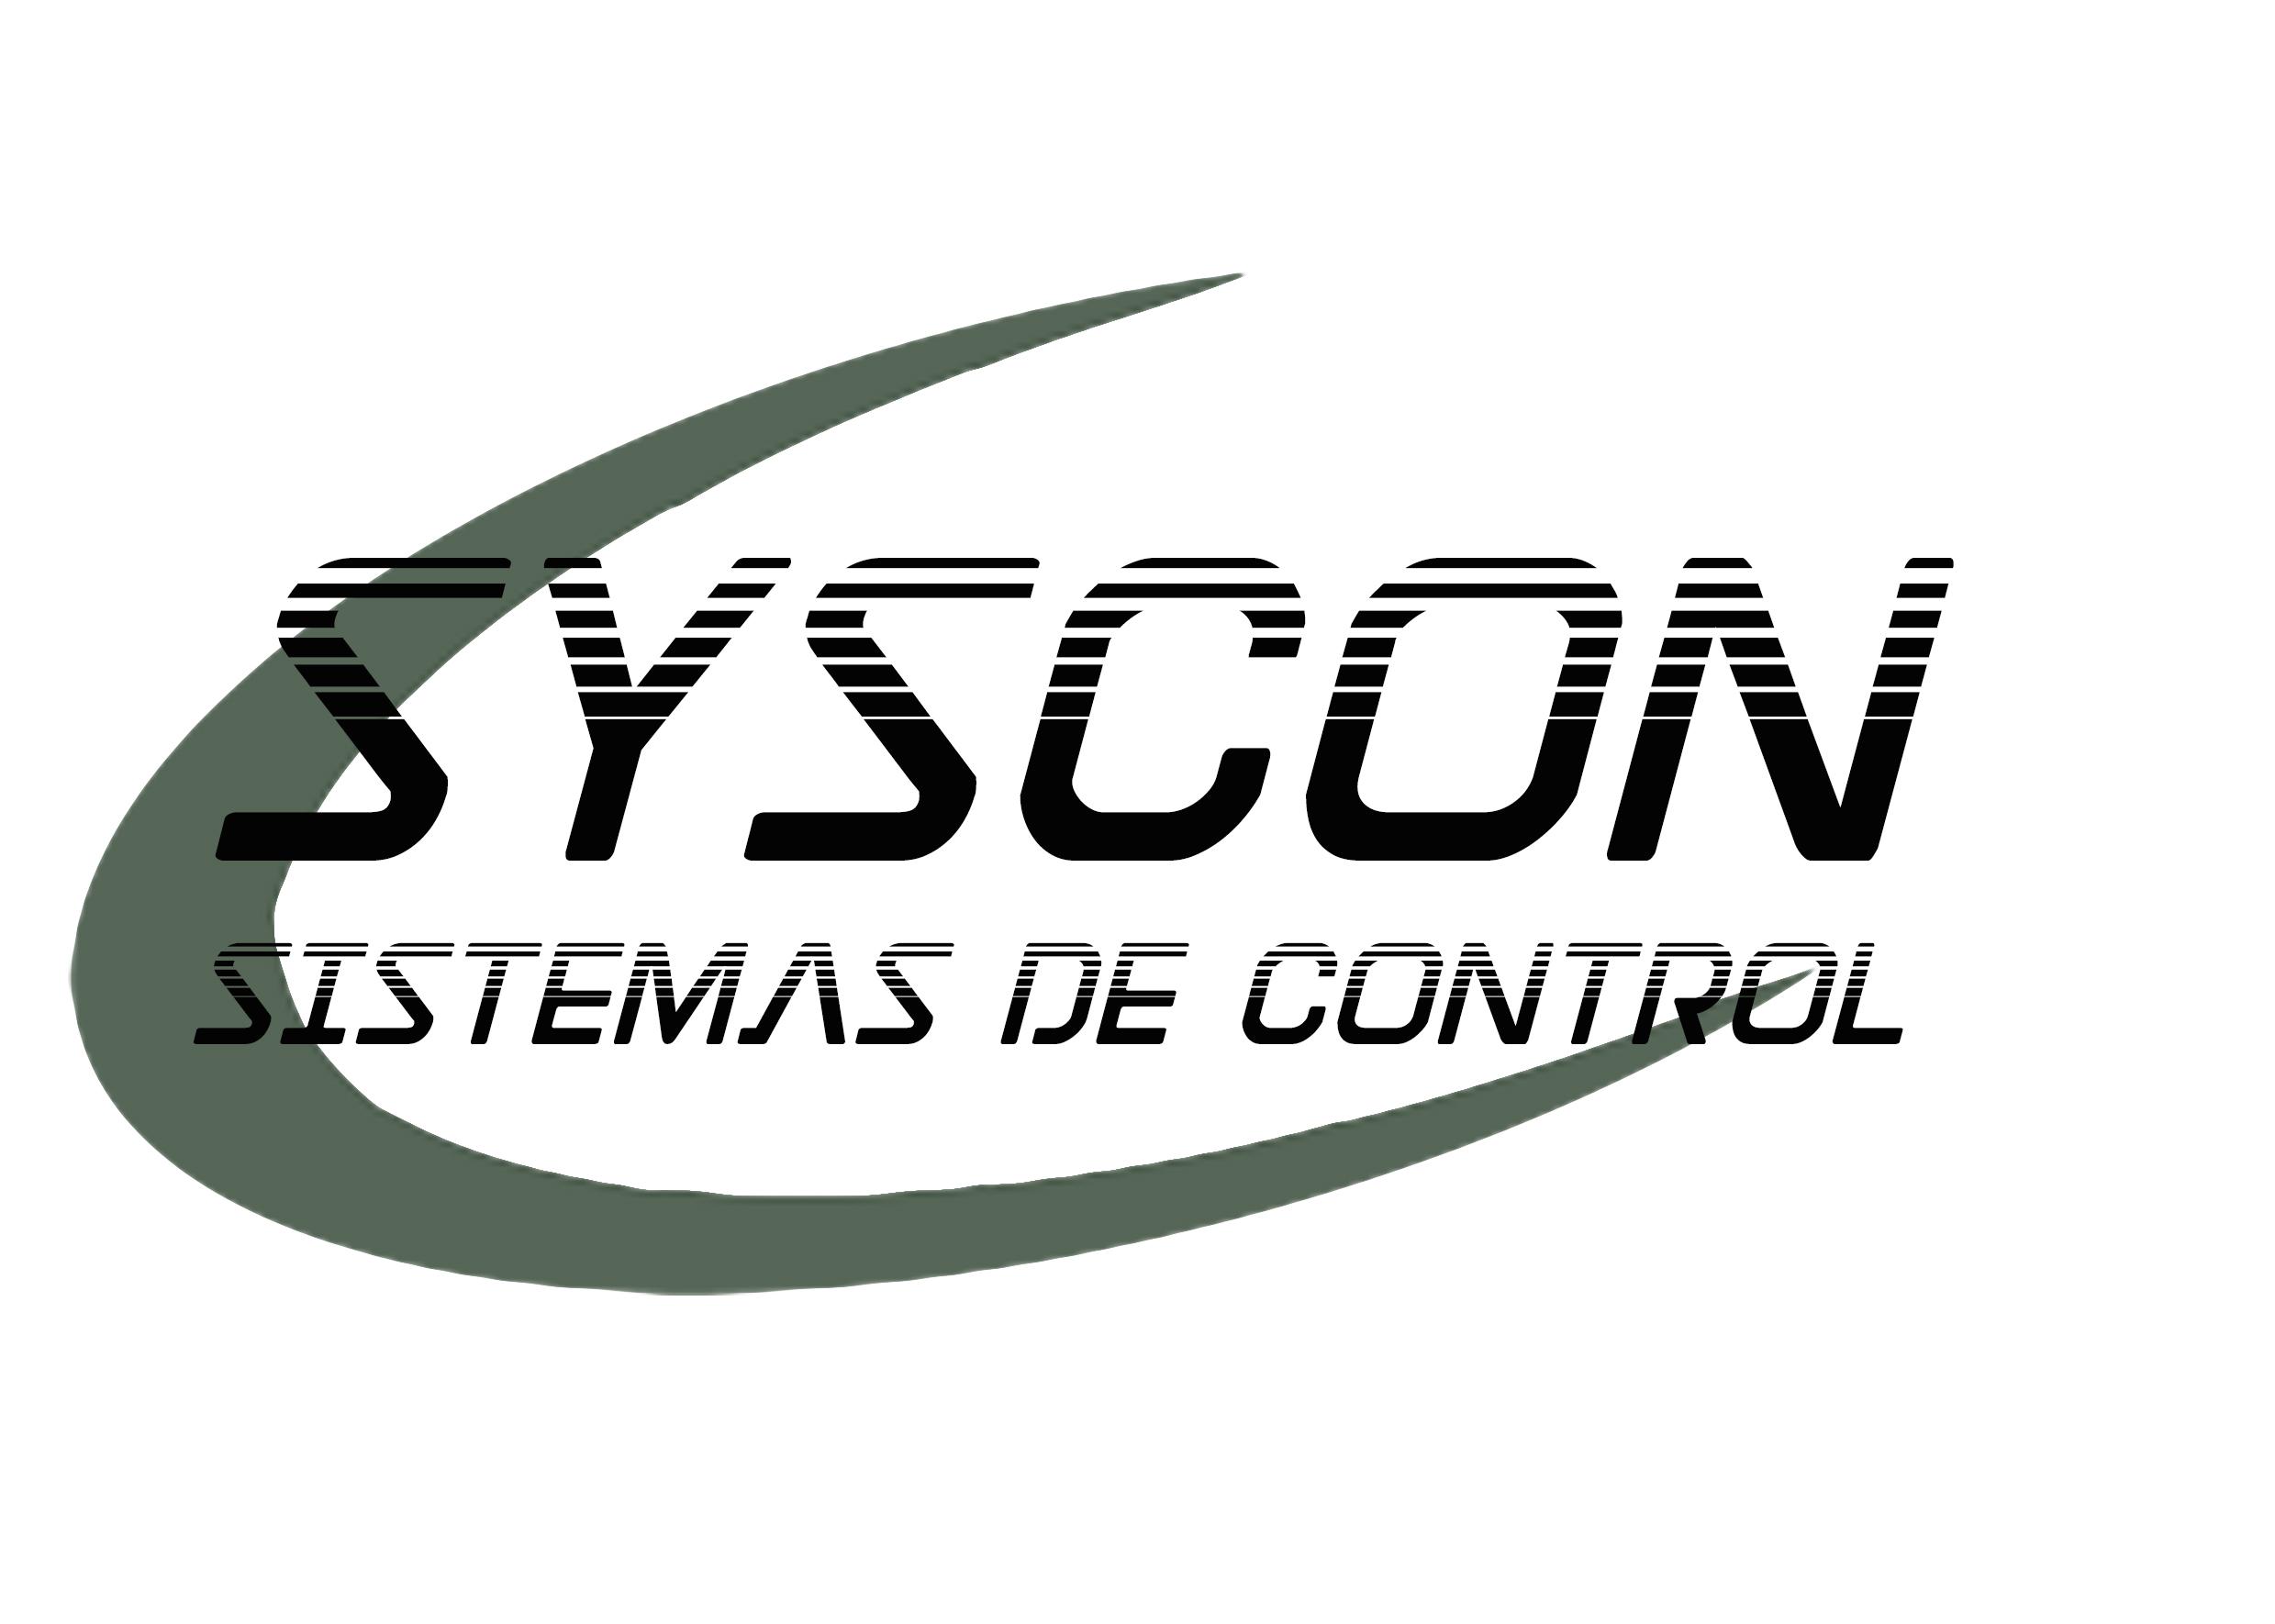 Syscon Mariano